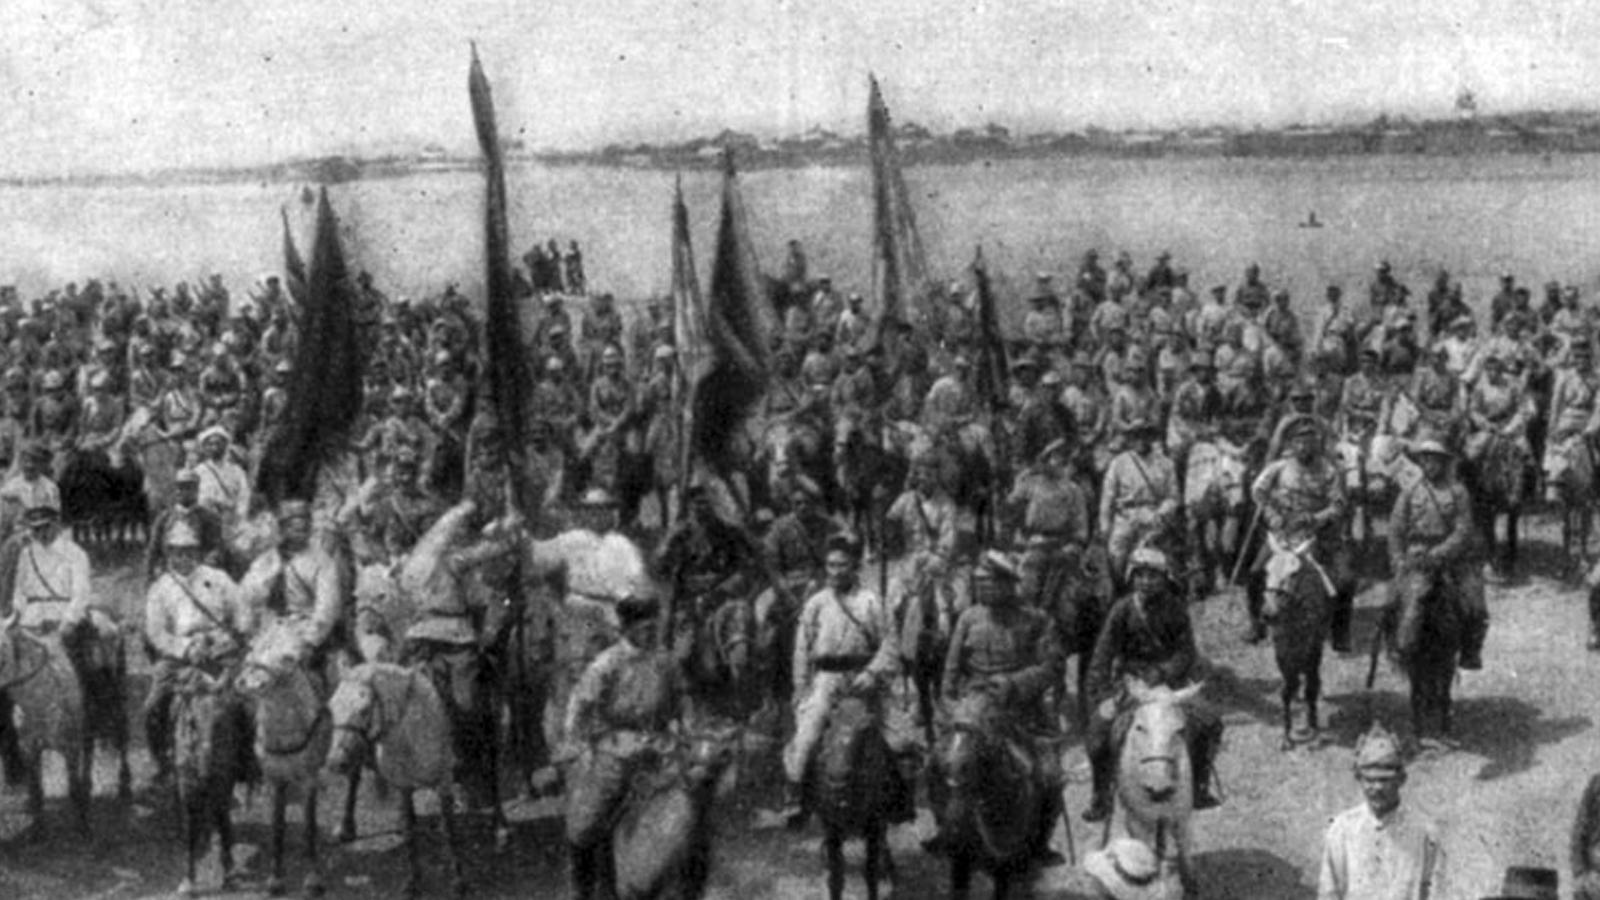 Τμήματα του Κόκκινου Στρατού και του Μογγολικού Επαναστατικού Στρατού στην Ούργκα